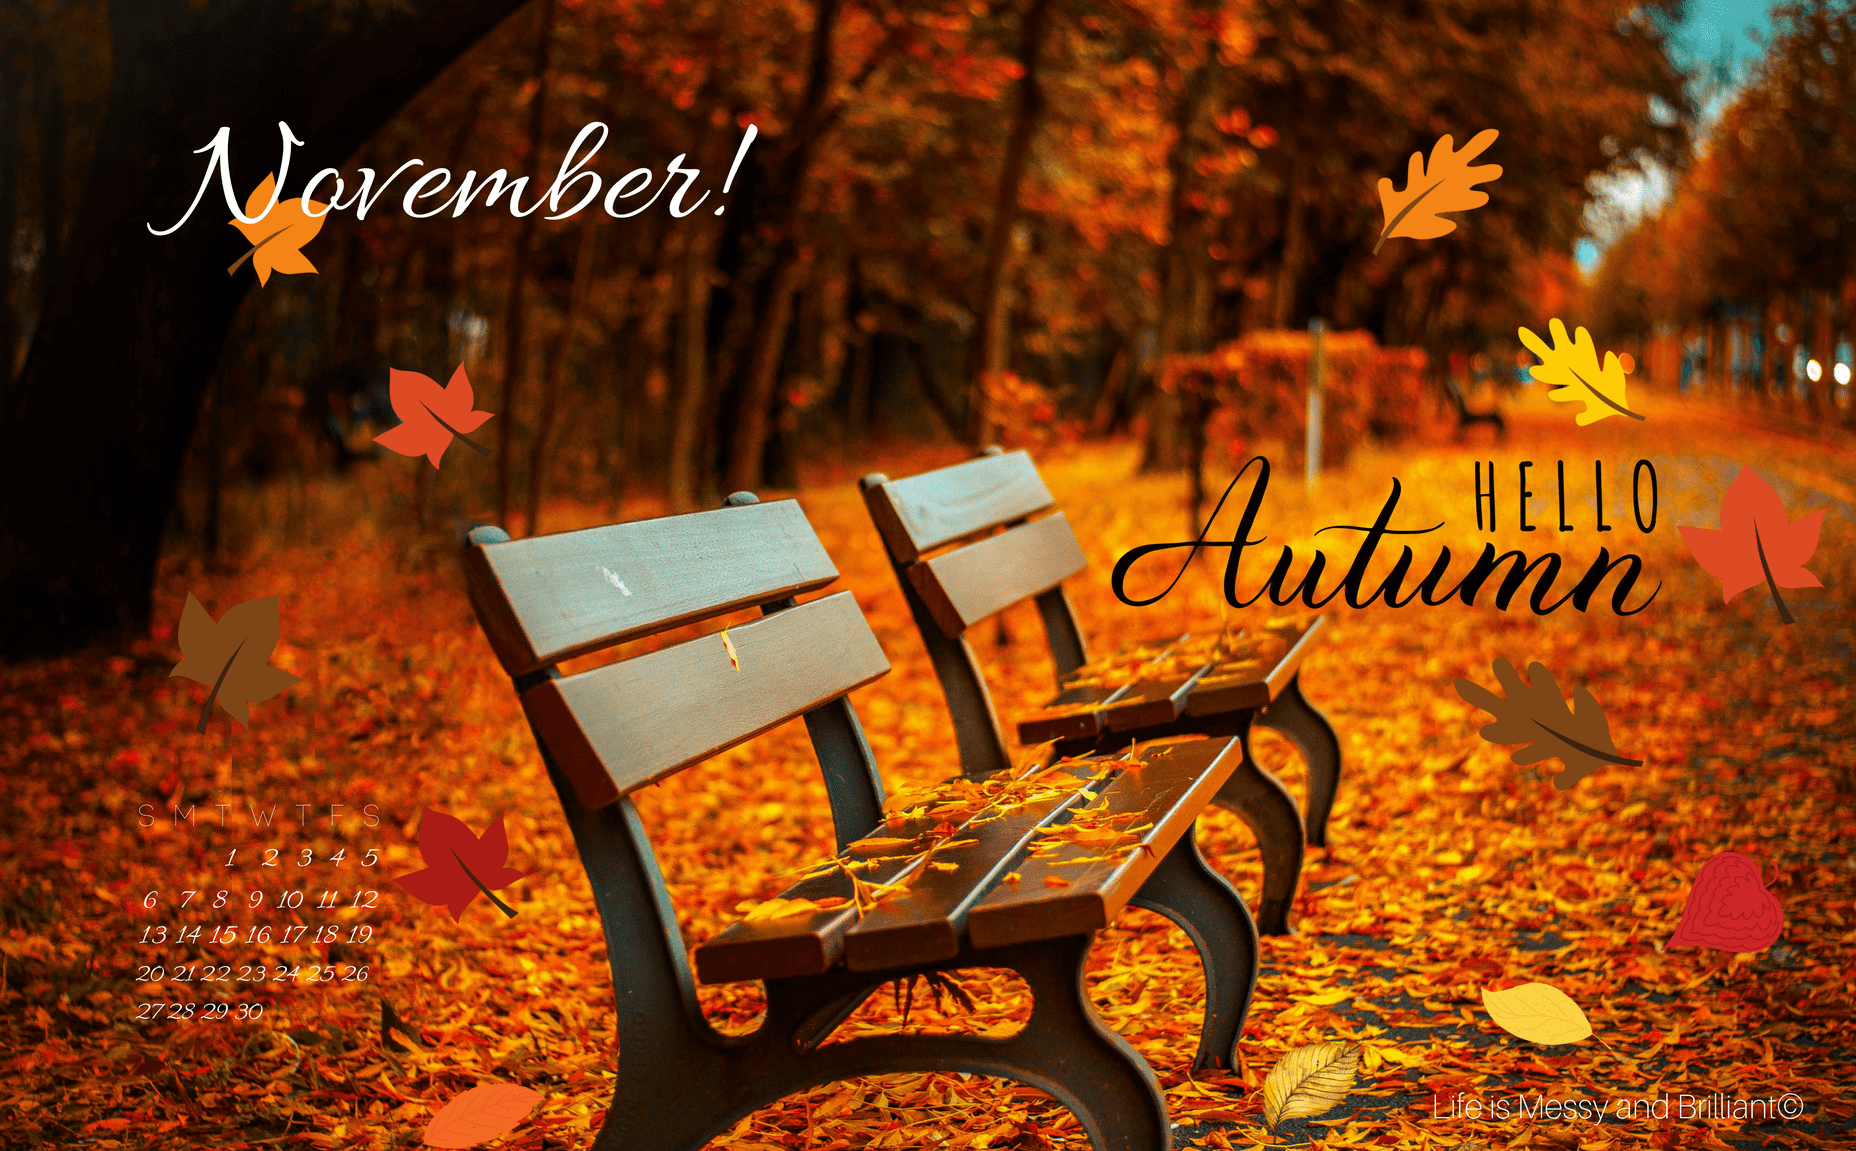 خلفيات شاشة رومانسية Romance Wallpaper Hd 1080p Tecnologis Fall Wallpaper Facebook Cover Photos Autumn Park